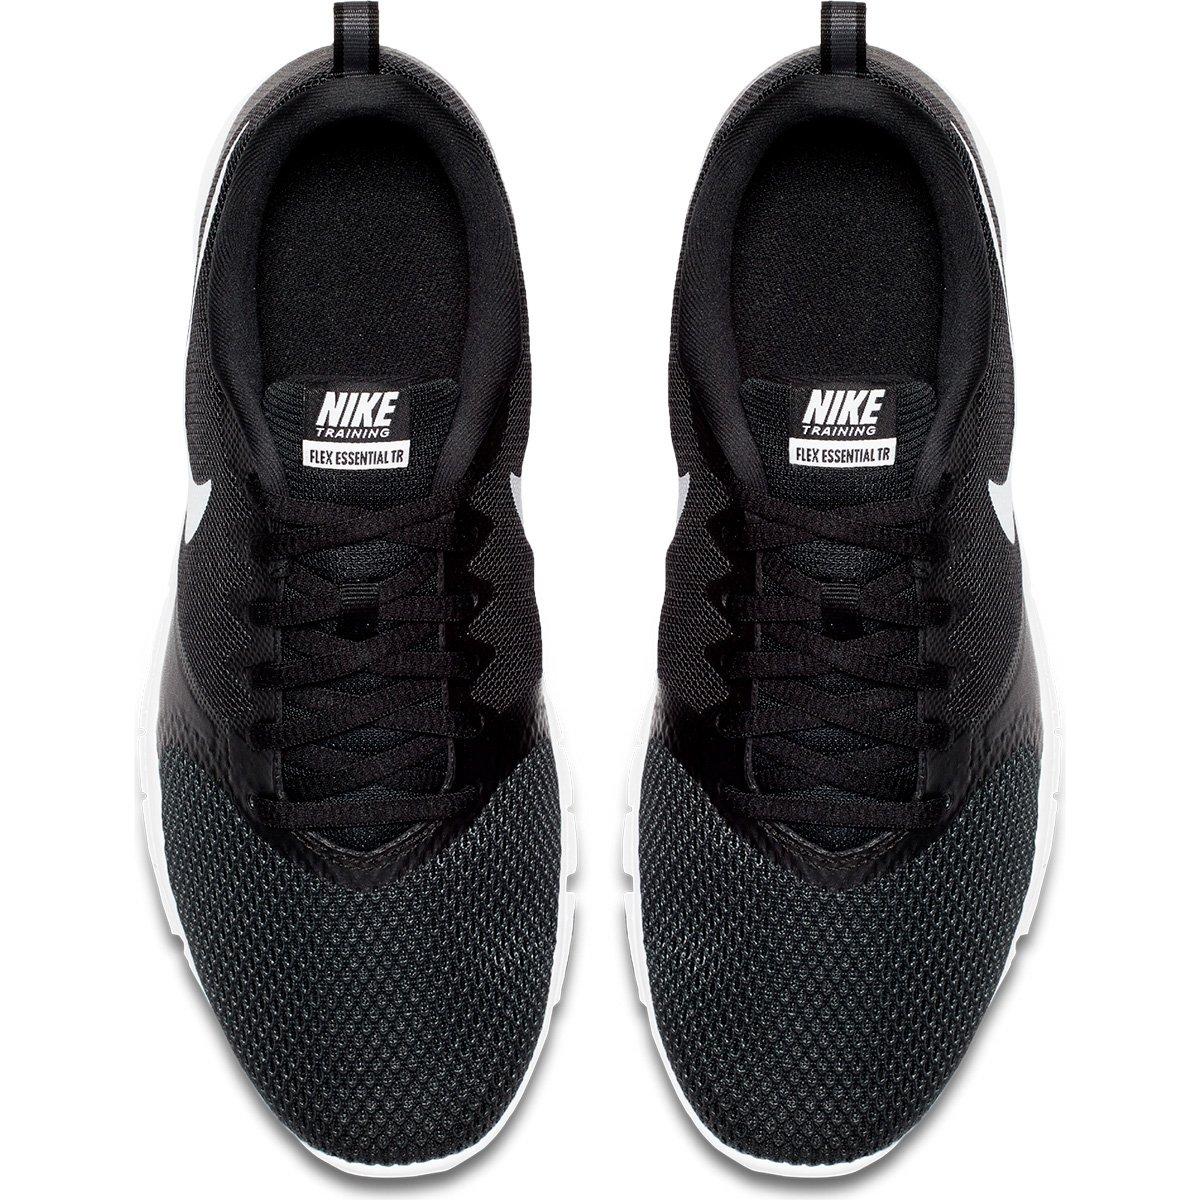 Tênis Nike Flex Essential TR Feminino - Preto e Branco - Compre ... 1aea1d9c5066f